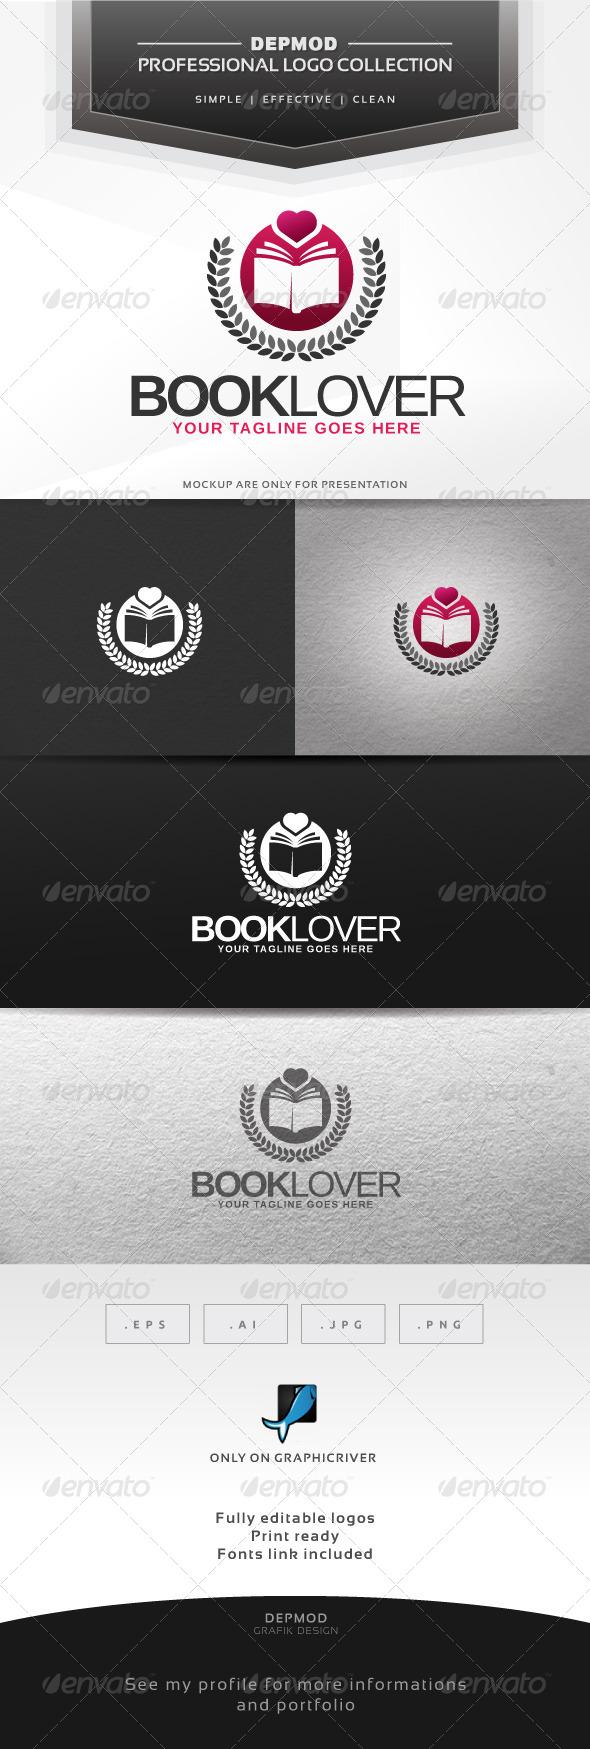 Book Lovers V.02 Logo